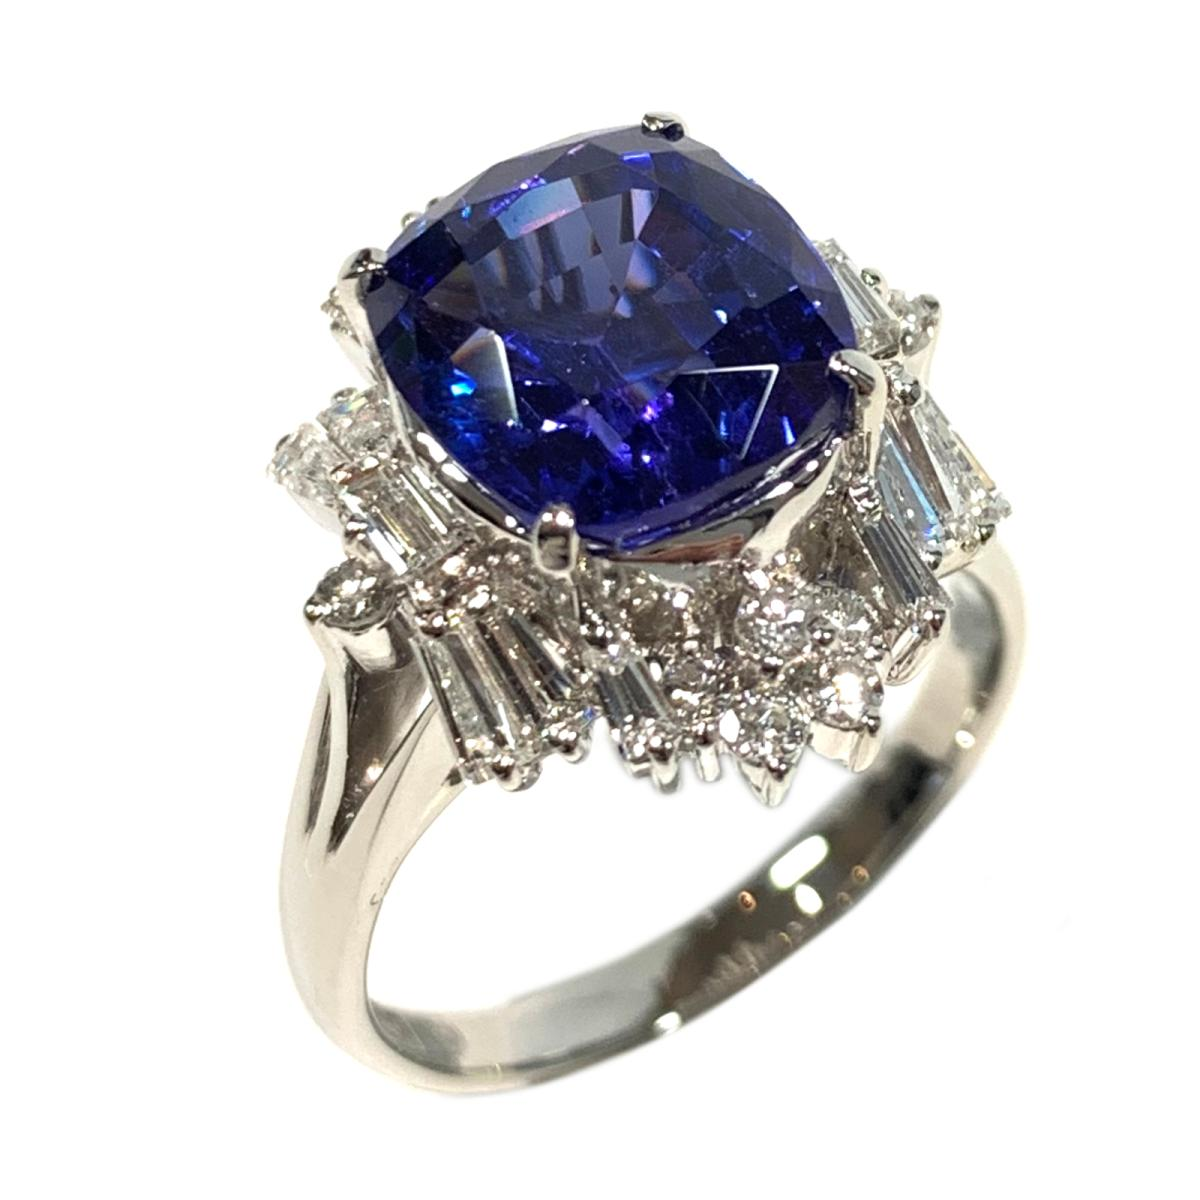 【中古】 ジュエリー タンザナイト ダイヤモンド リング 指輪 レディース PT900 プラチナ x タンザナイト4.852 ダイヤ1.00ct ブルー クリアー シルバー | JEWELRY BRANDOFF ブランドオフ ブランド アクセサリー